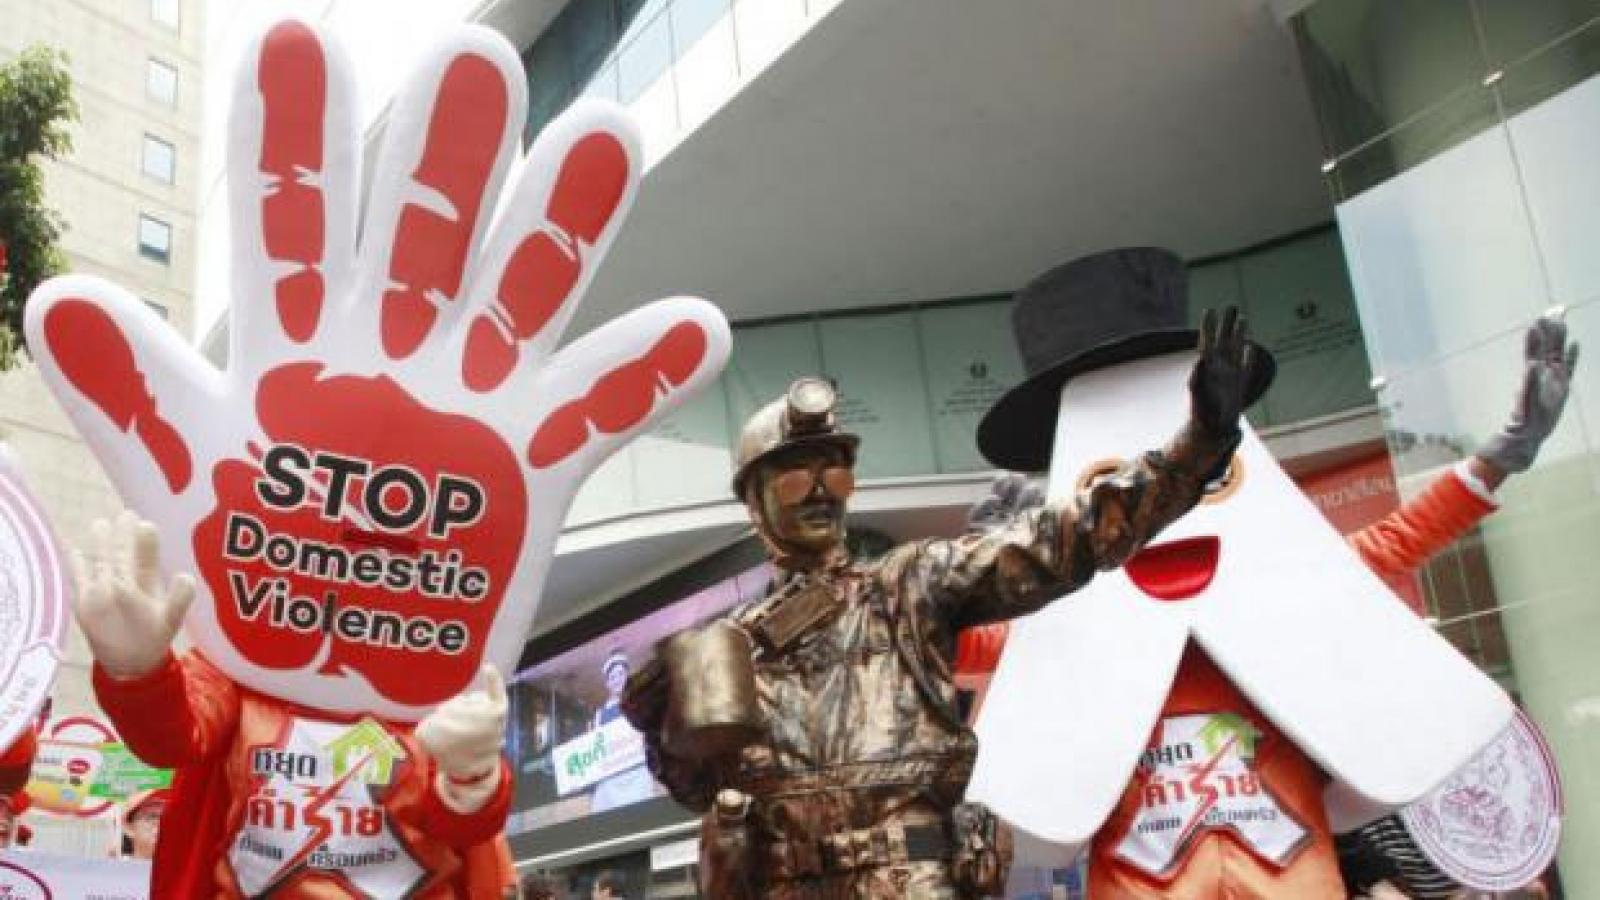 Bạo lực giới ở Thái Lan- vấn đề của luật pháp hay con người?